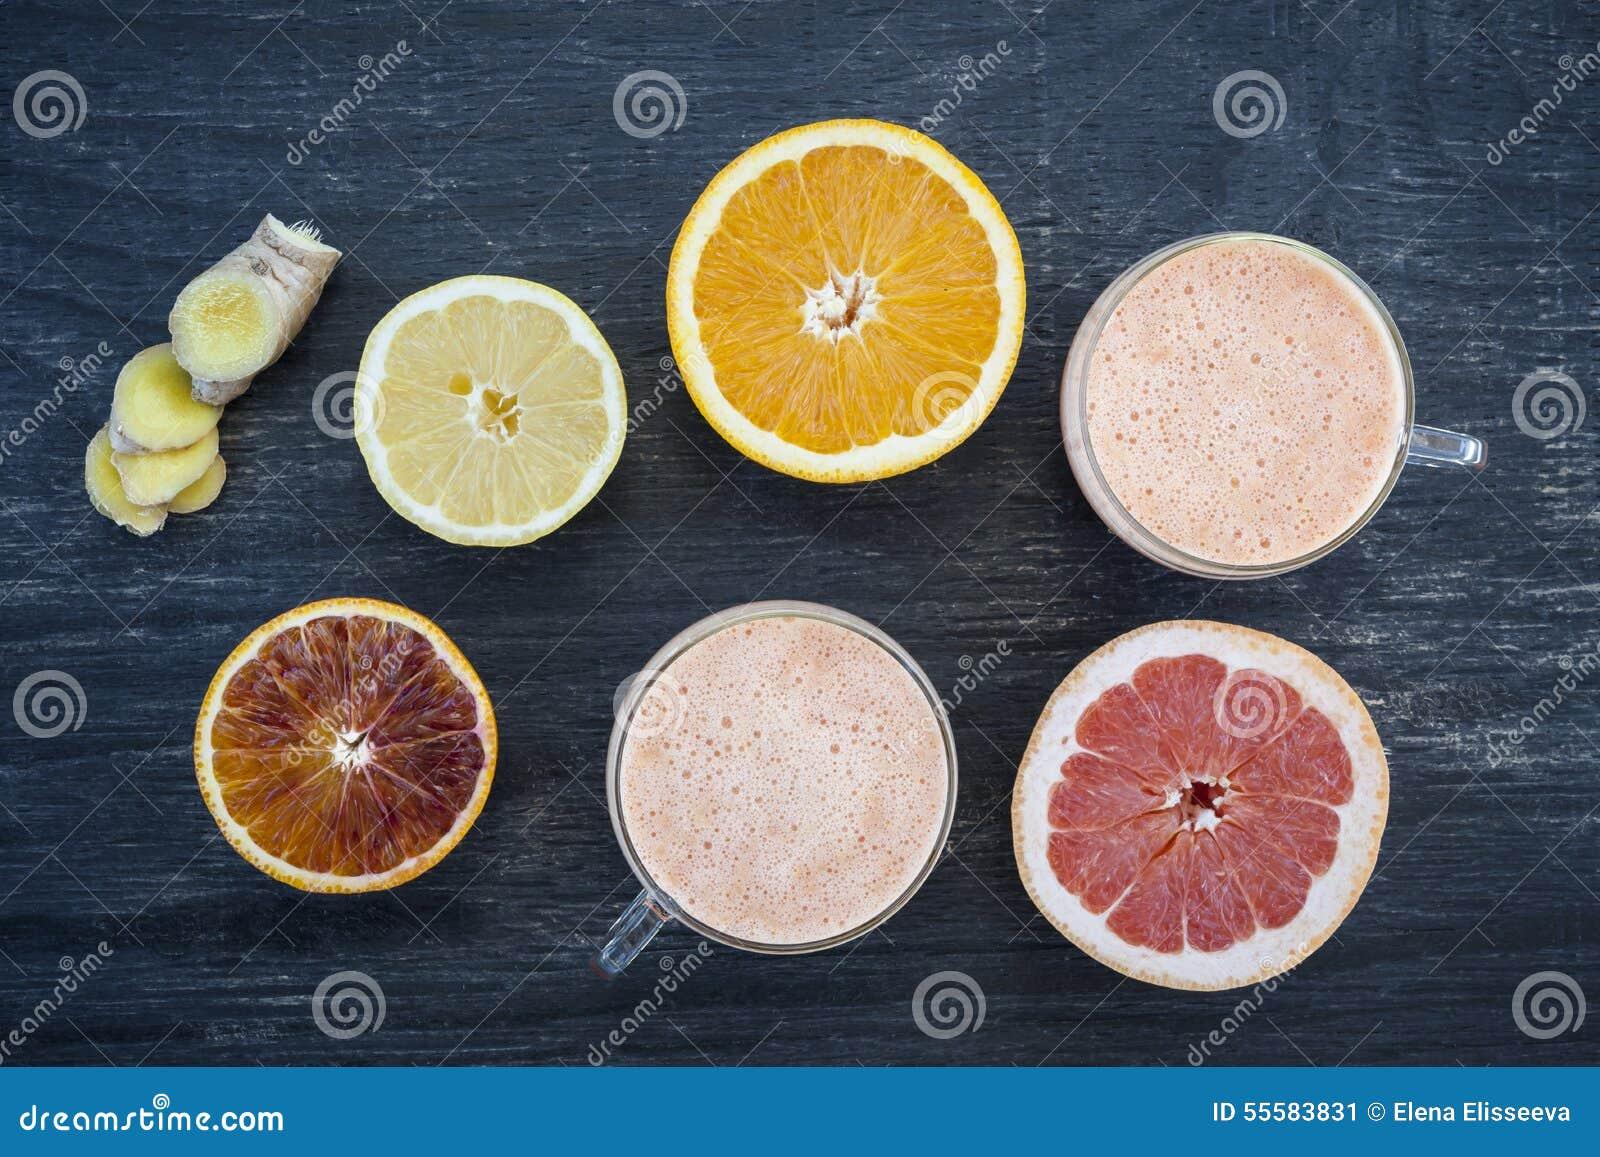 柑橘圆滑的人